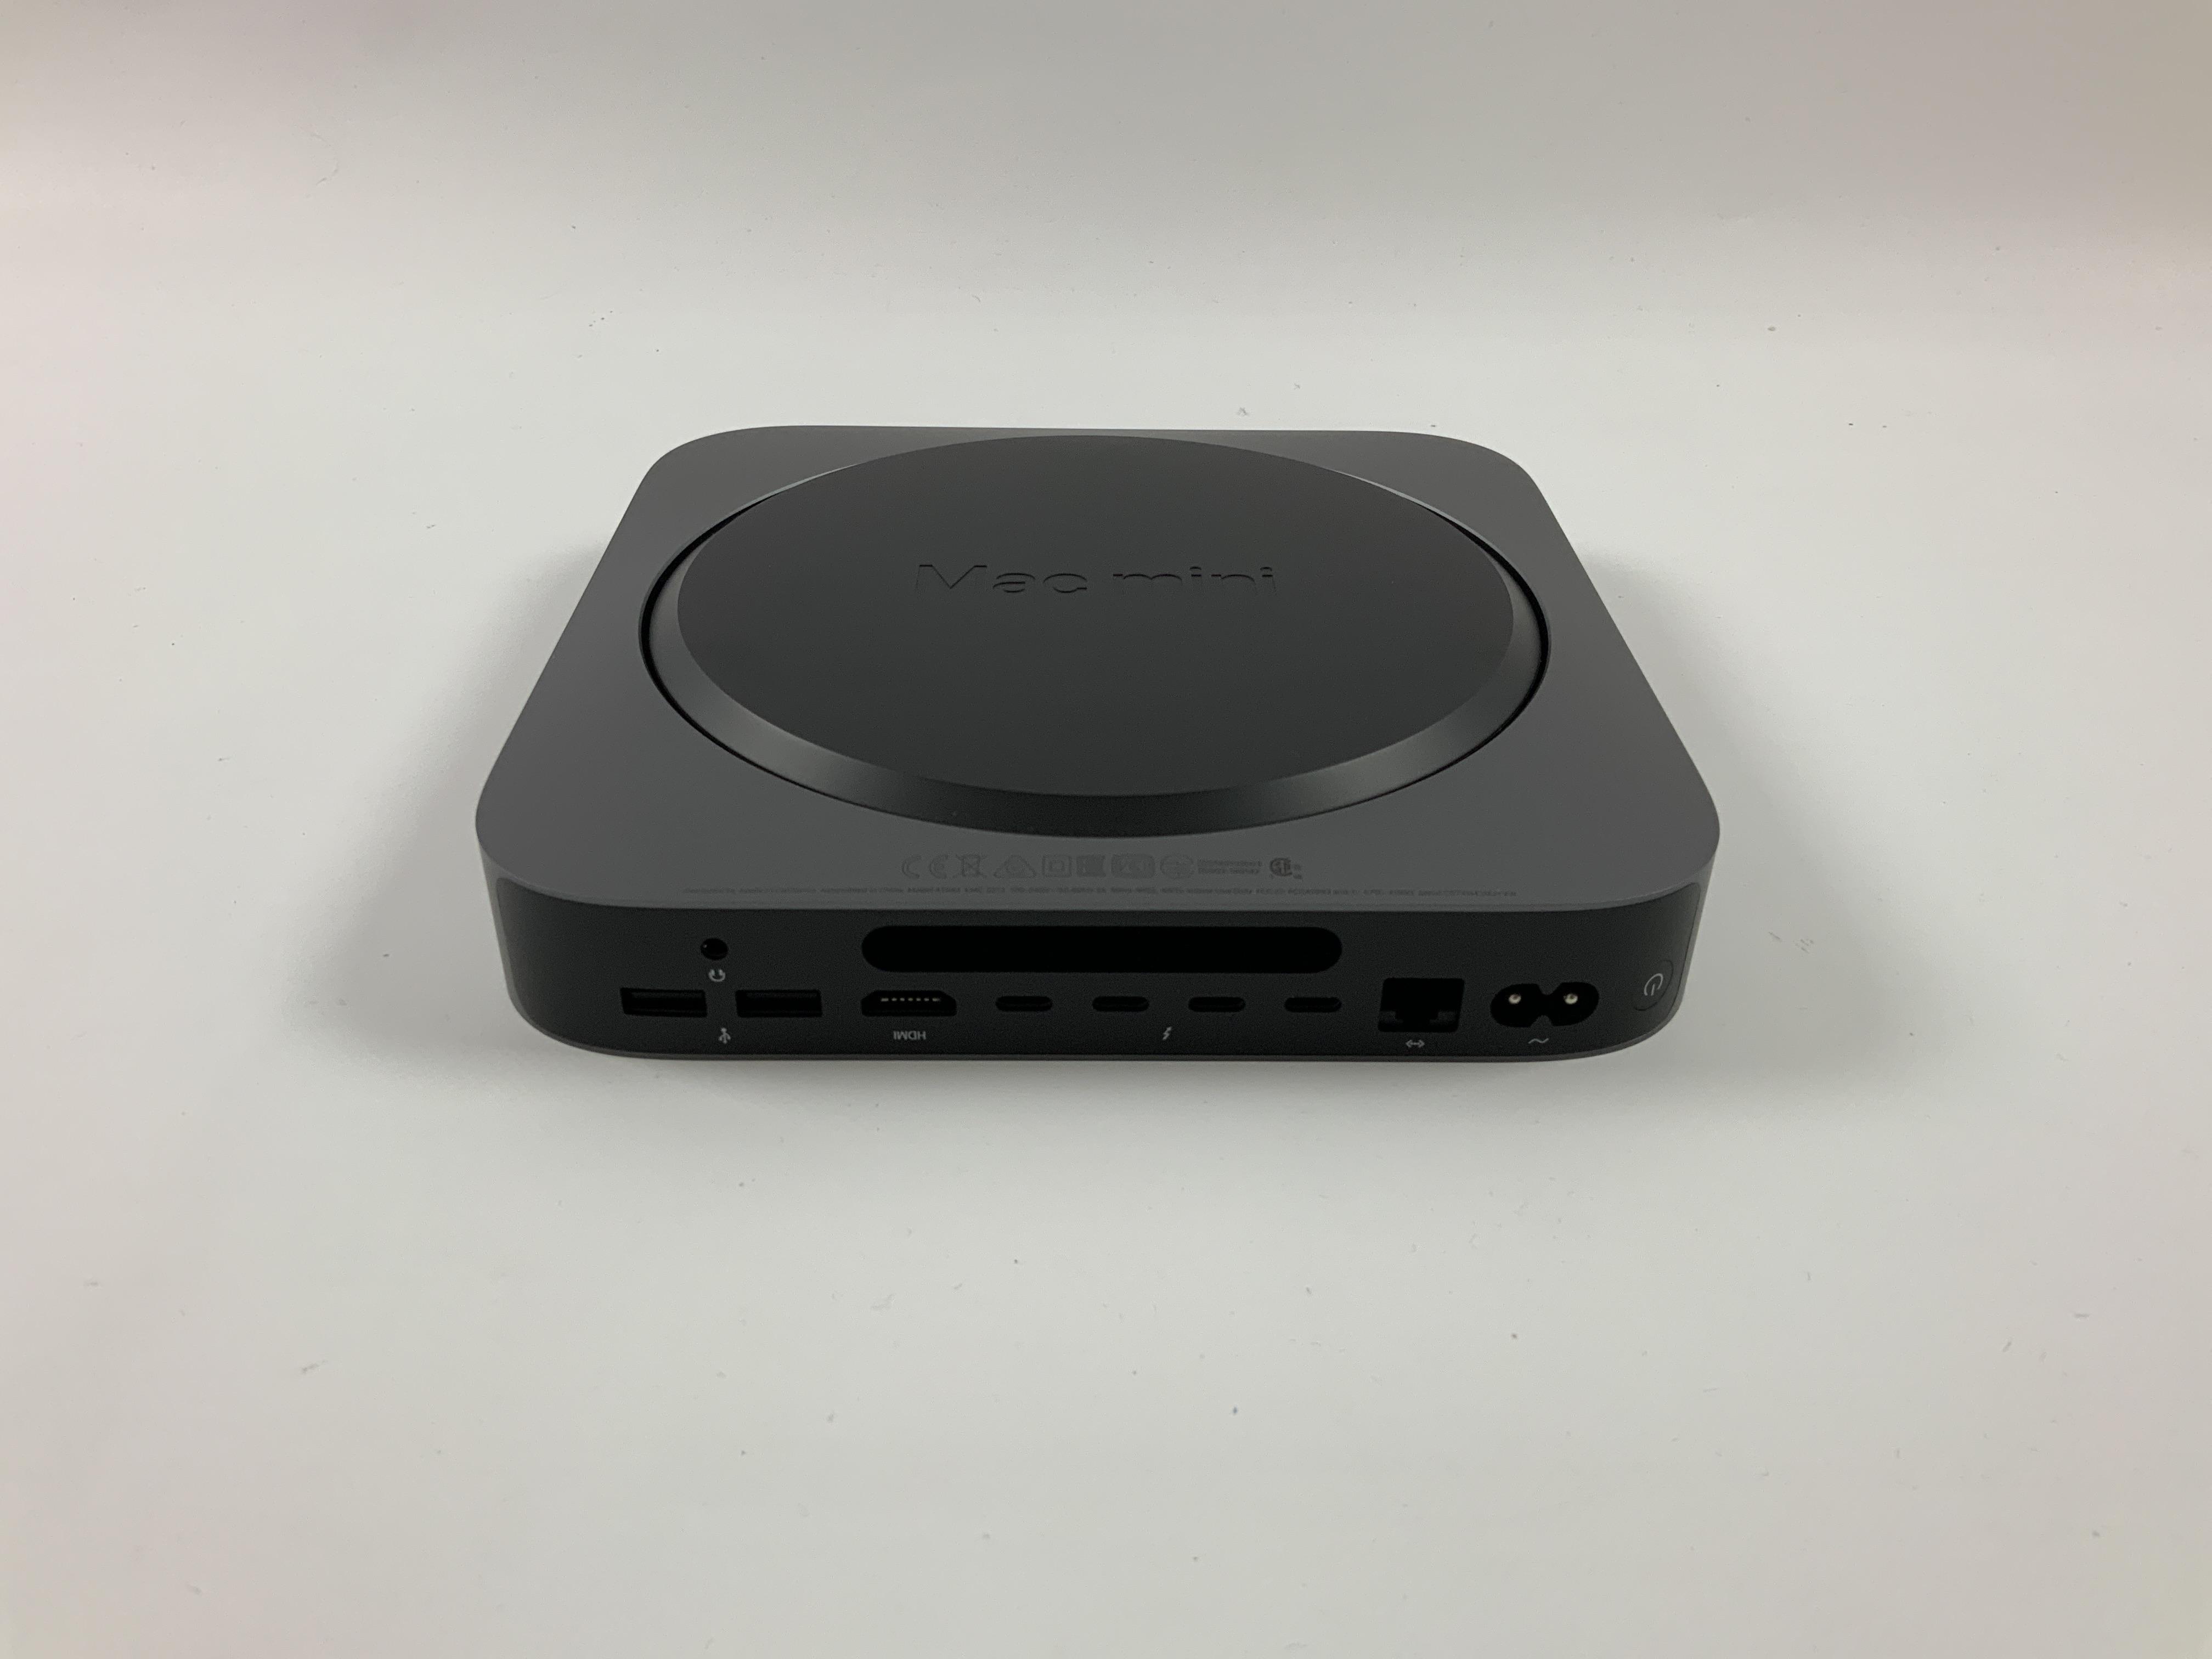 Mac Mini Late 2018 (Intel Quad-Core i3 3.6 GHz 64 GB RAM 128 GB SSD), Intel Quad-Core i3 3.6 GHz, 64 GB RAM, 128 GB SSD, Kuva 3